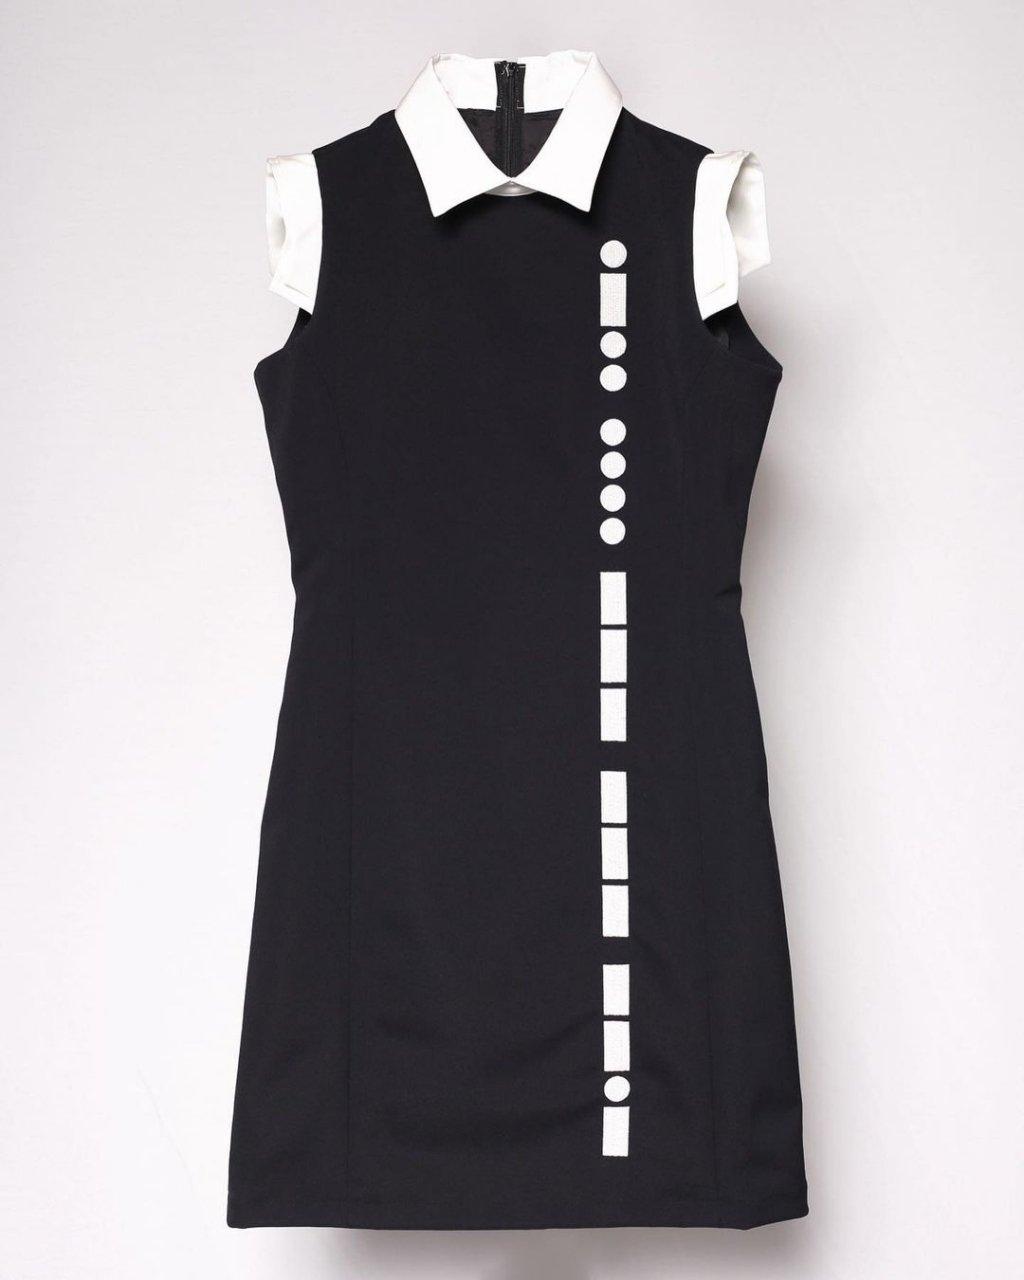 [ご予約]Morse code Dress(Black)[2021年3月お届け]